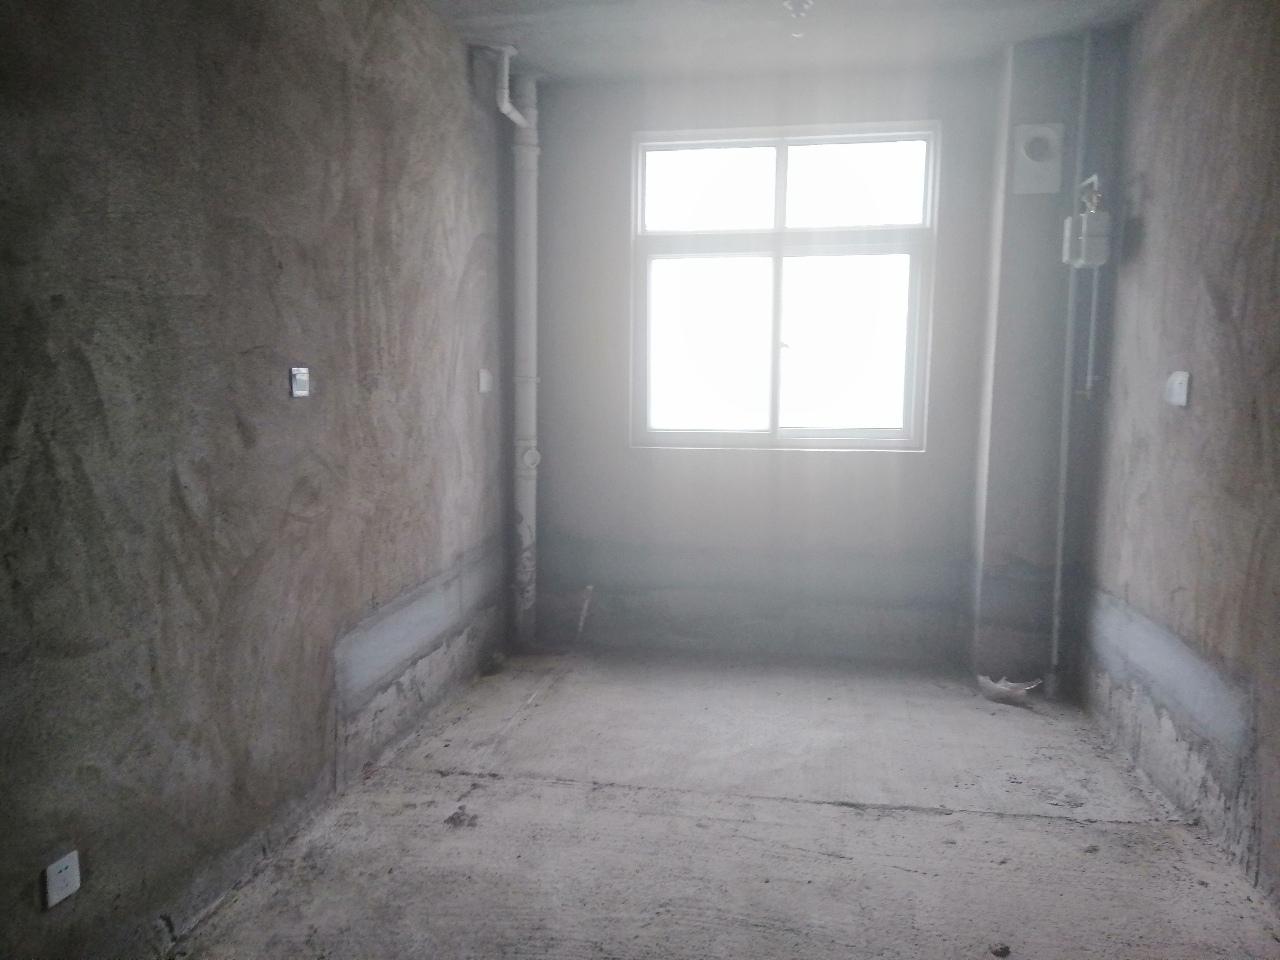 瓷都文化园3室2厅2卫52万元